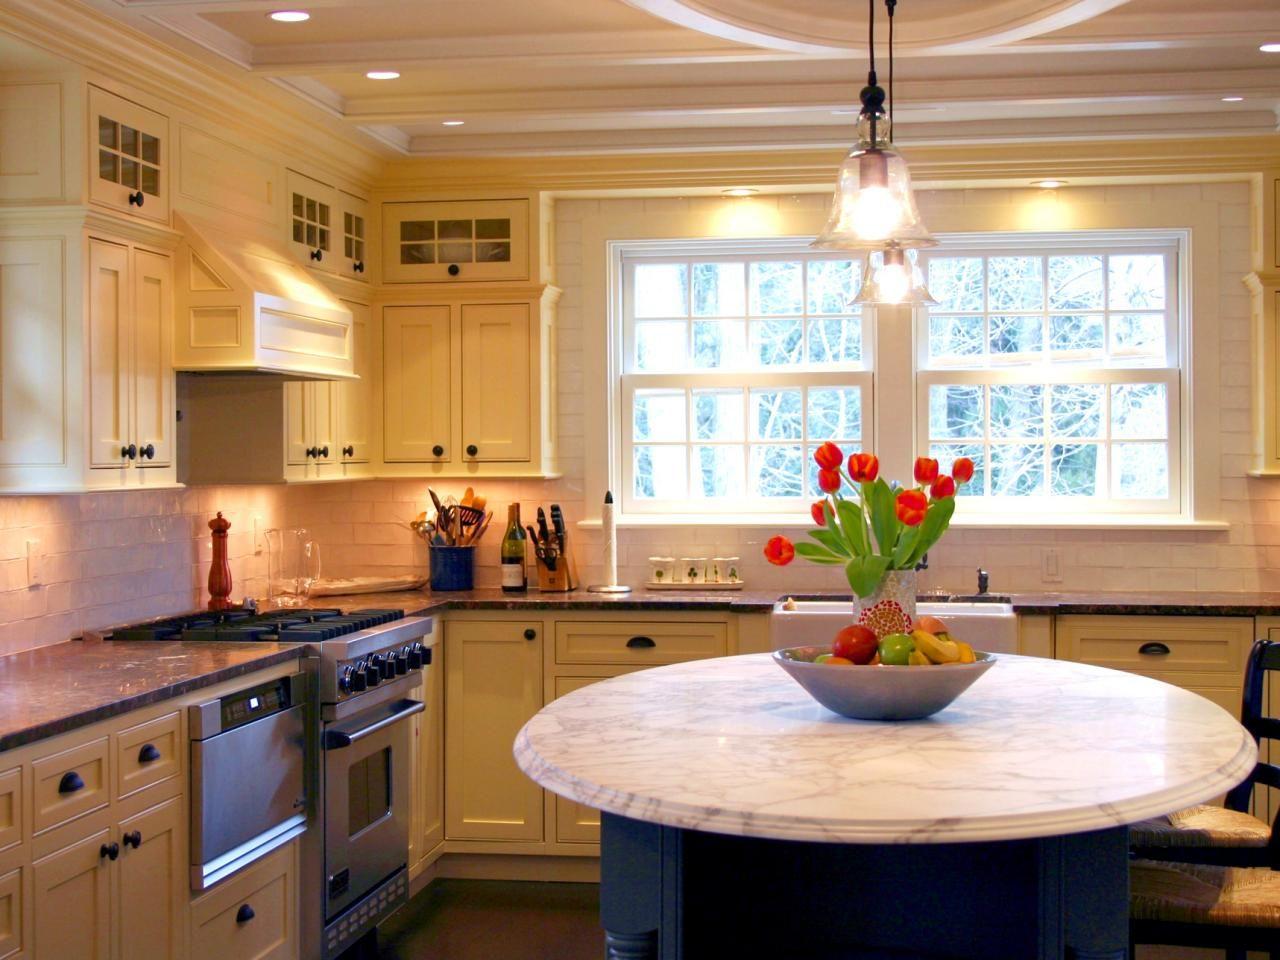 Diy Under Cabinet Lighting Kitchen Chandeliers Pendants And Undercabinet Lighting  Kitchen